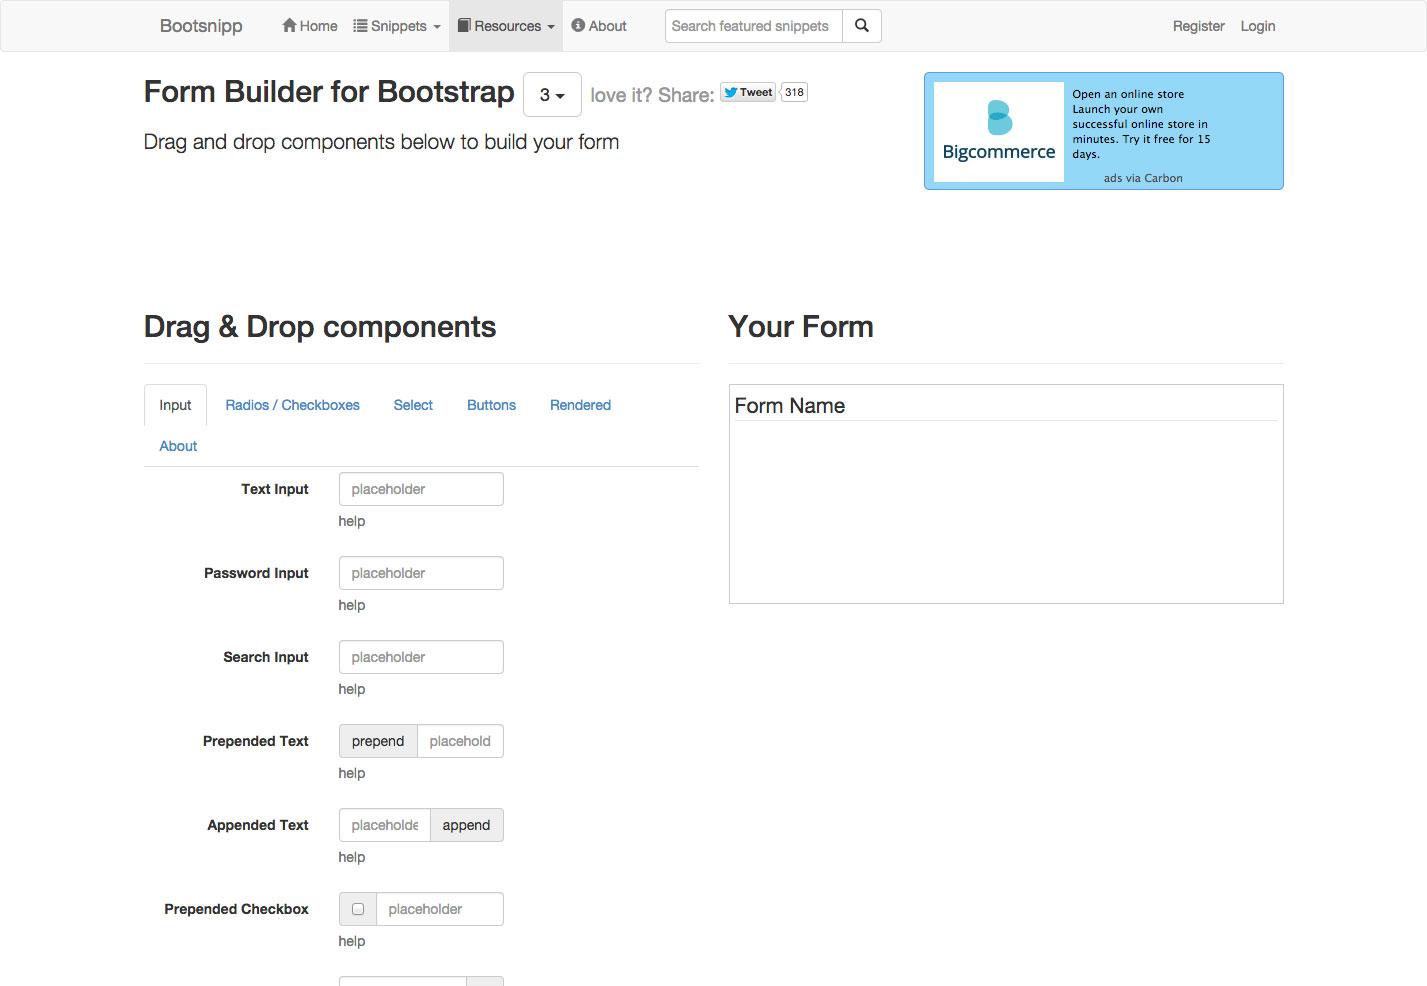 generador de formularios bootsnip